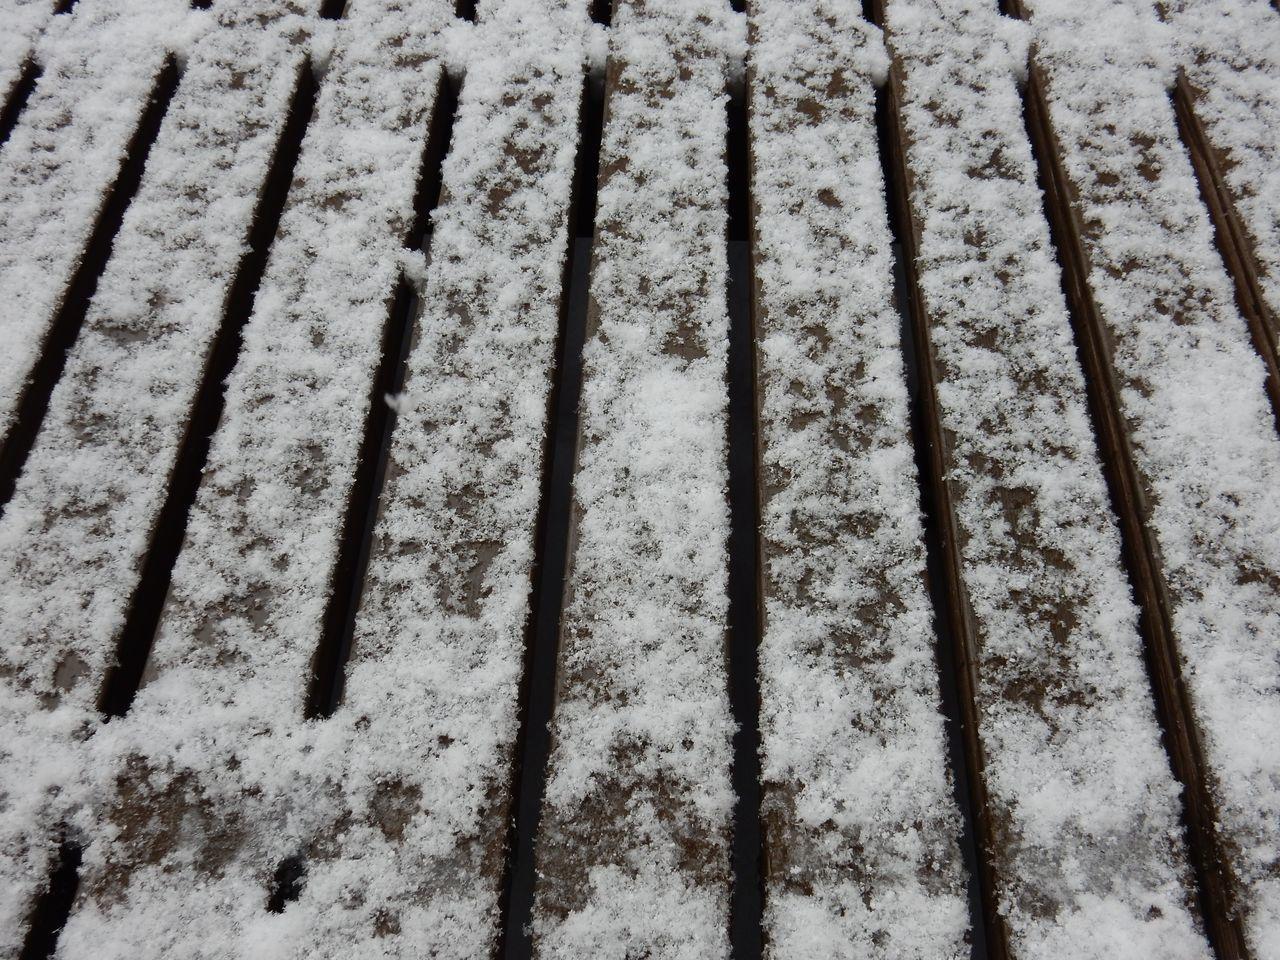 ようやく雪が止みました_c0025115_21560839.jpg